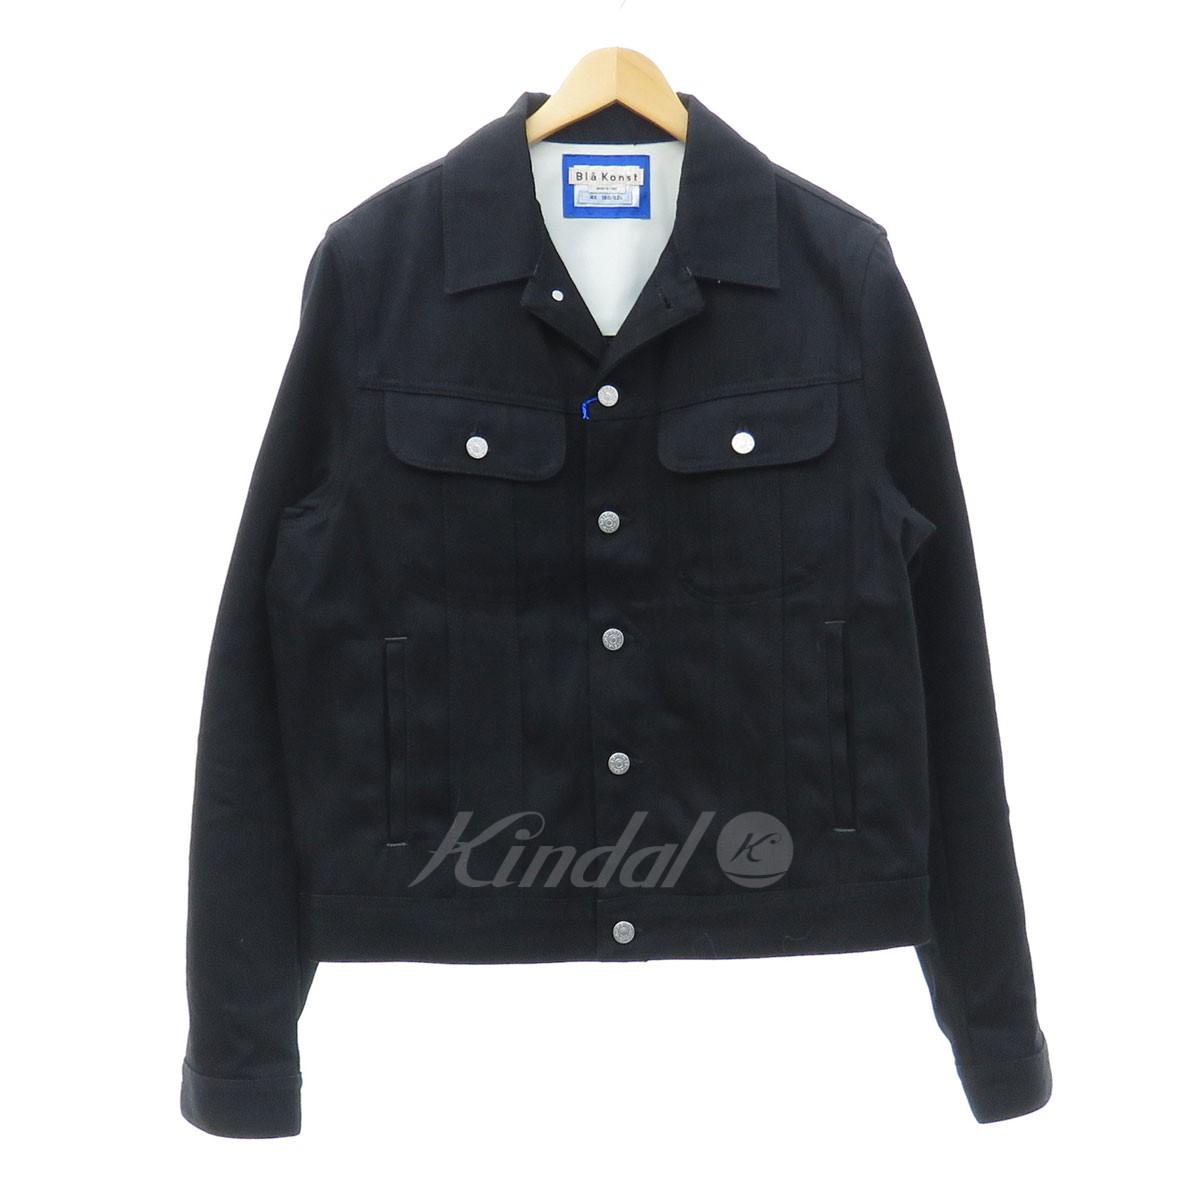 Acne Black Denim Jacket kindal: acne studios bla konst tent blk blk 22j165 denim jacket